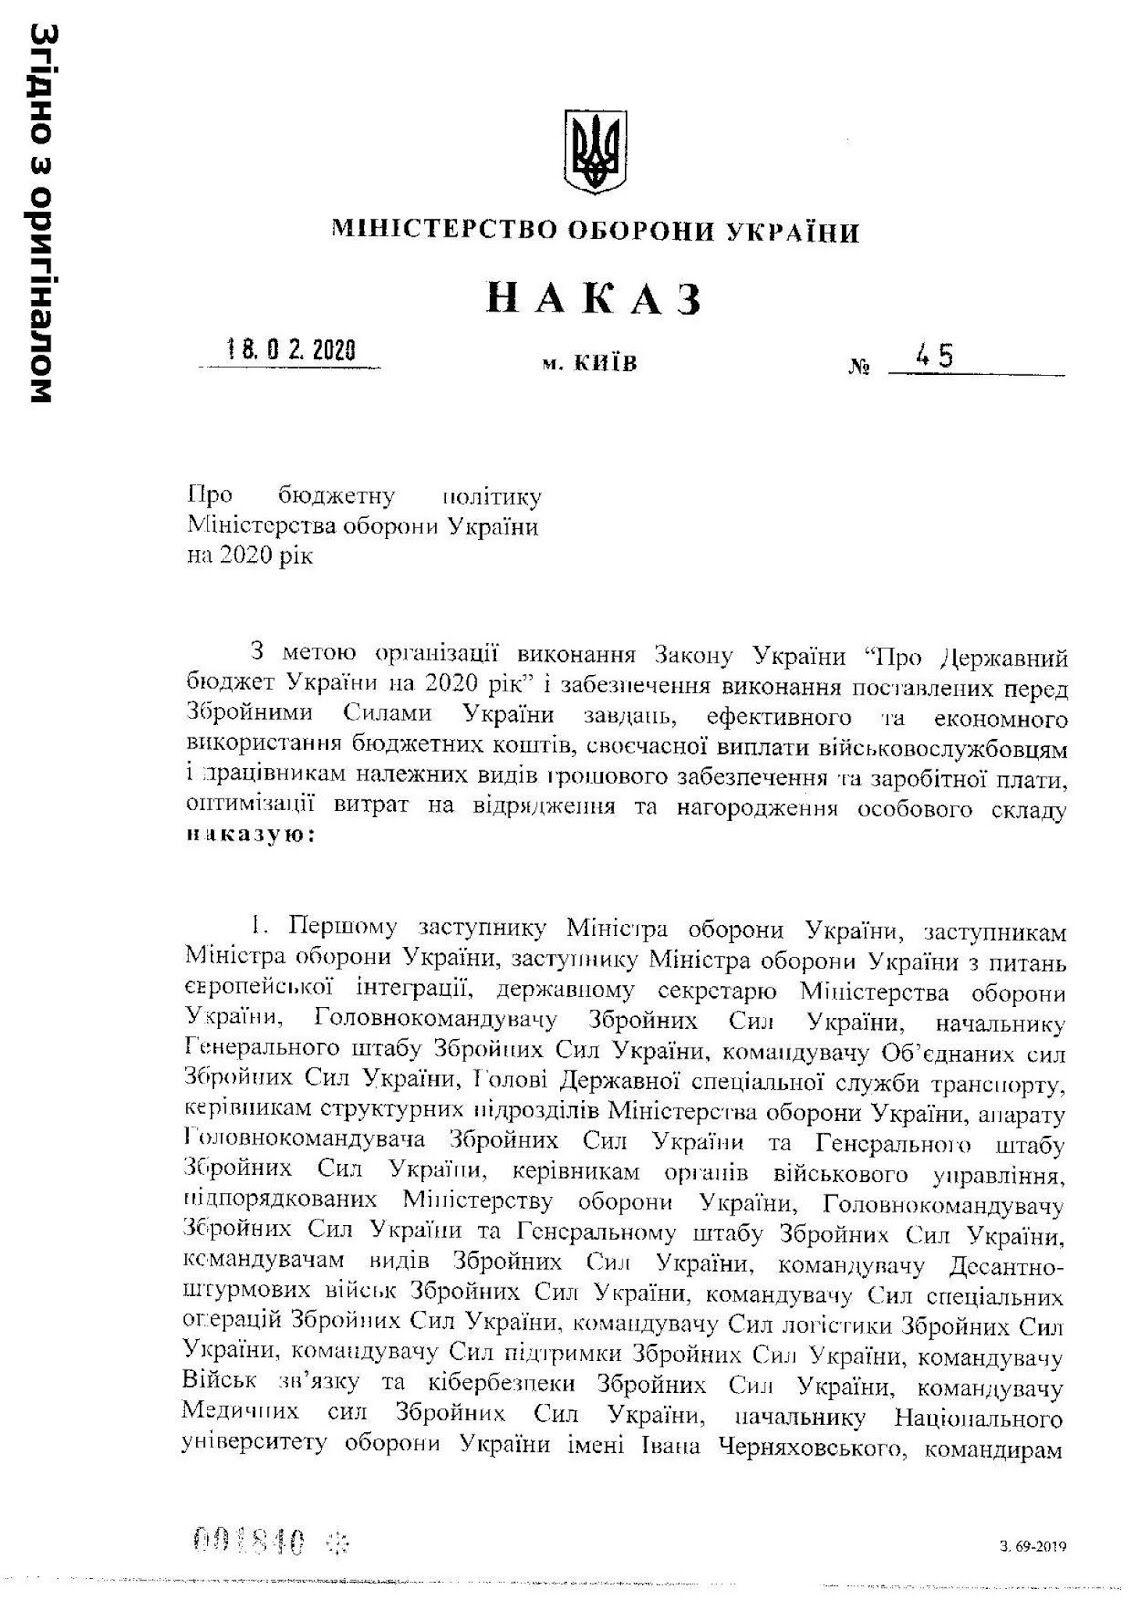 Наказ Міністерства оборони